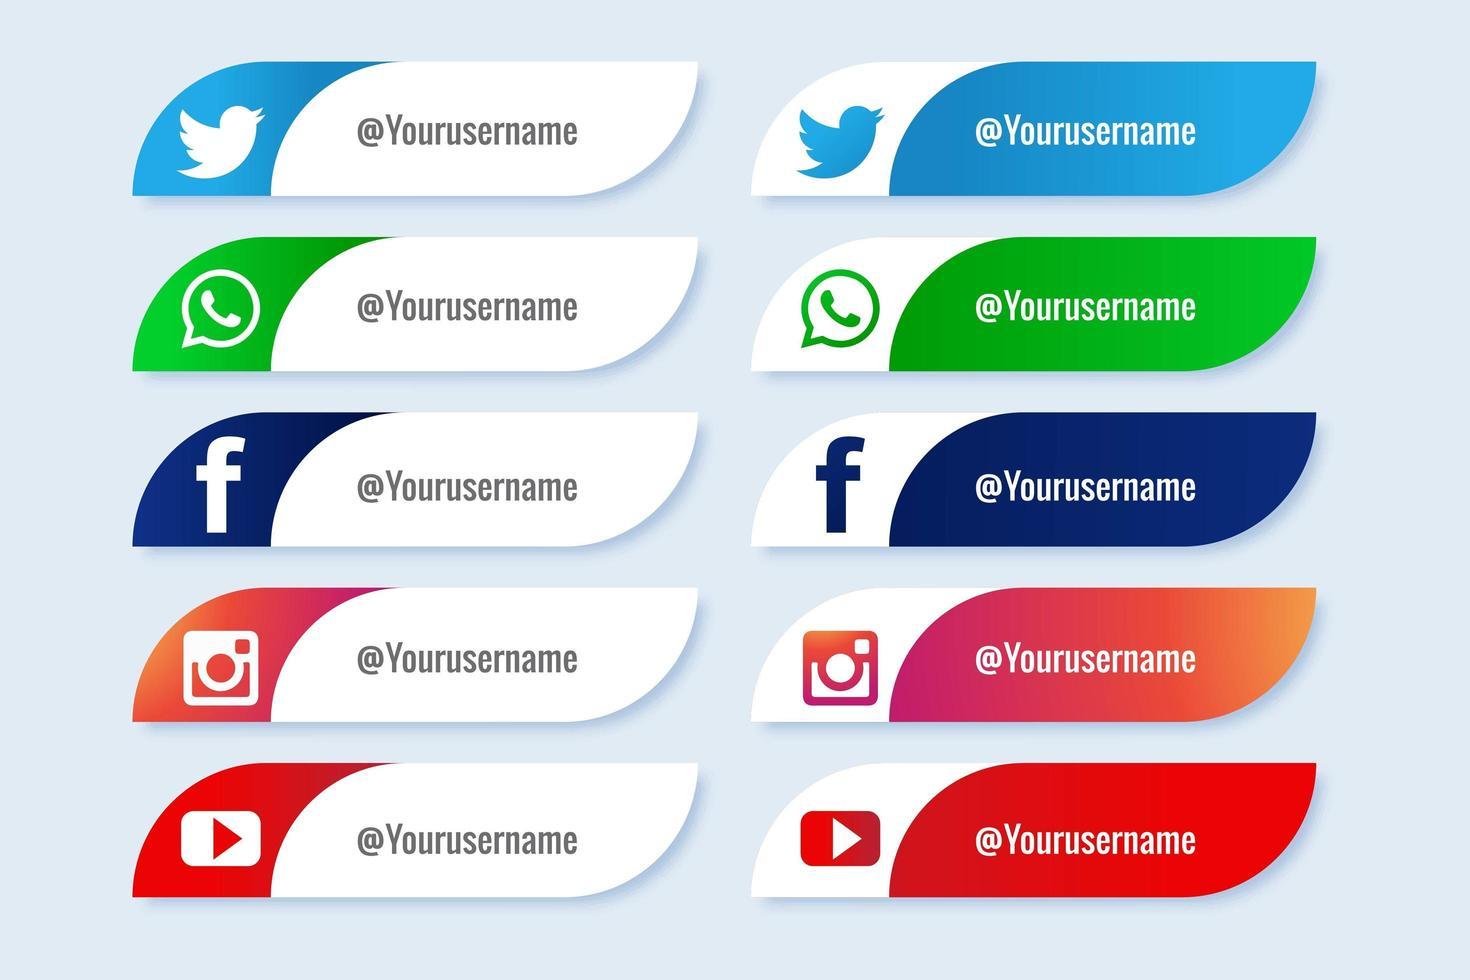 populära sociala medier böjda nedre tredje banneruppsättningen vektor